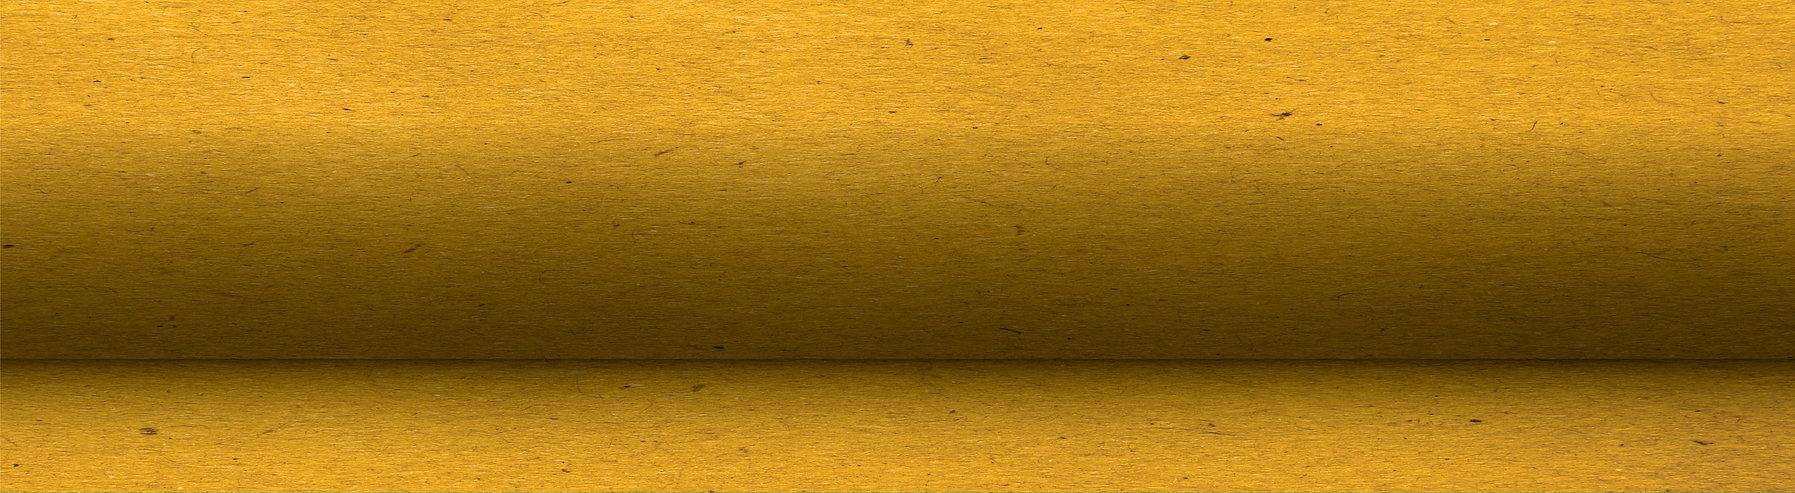 yellow-17.jpg